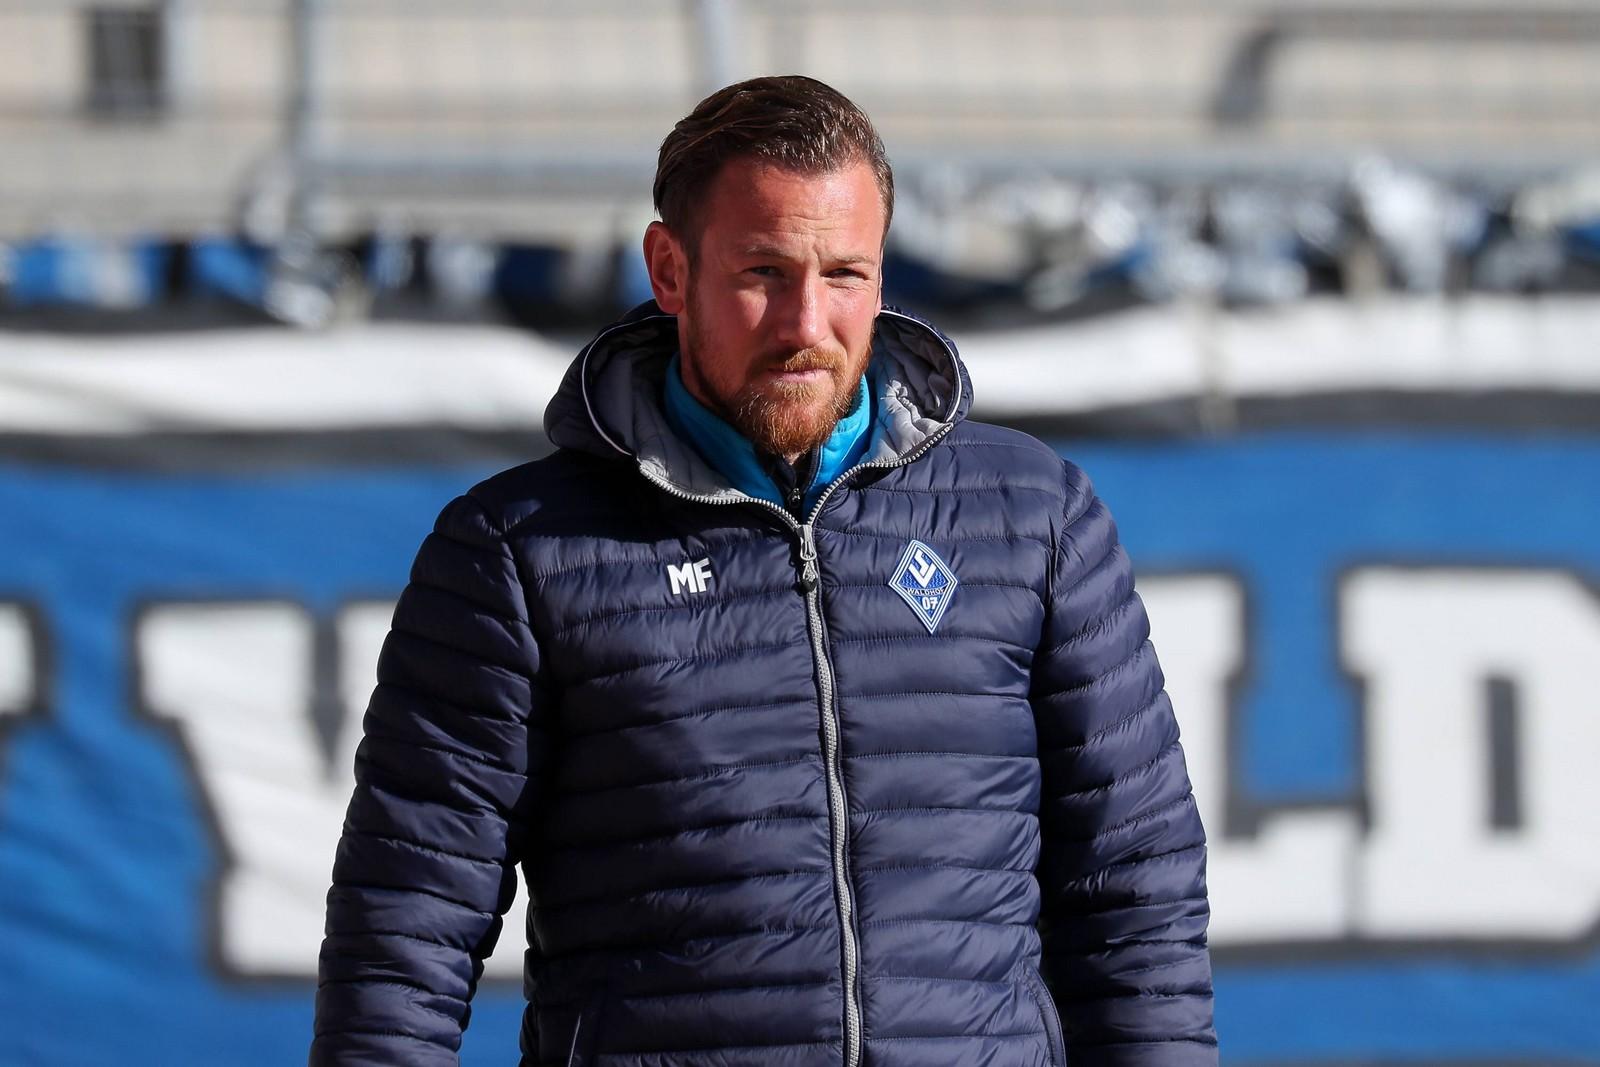 Michael Fink war Spieler und Trainer beim SV Waldhof Mannheim